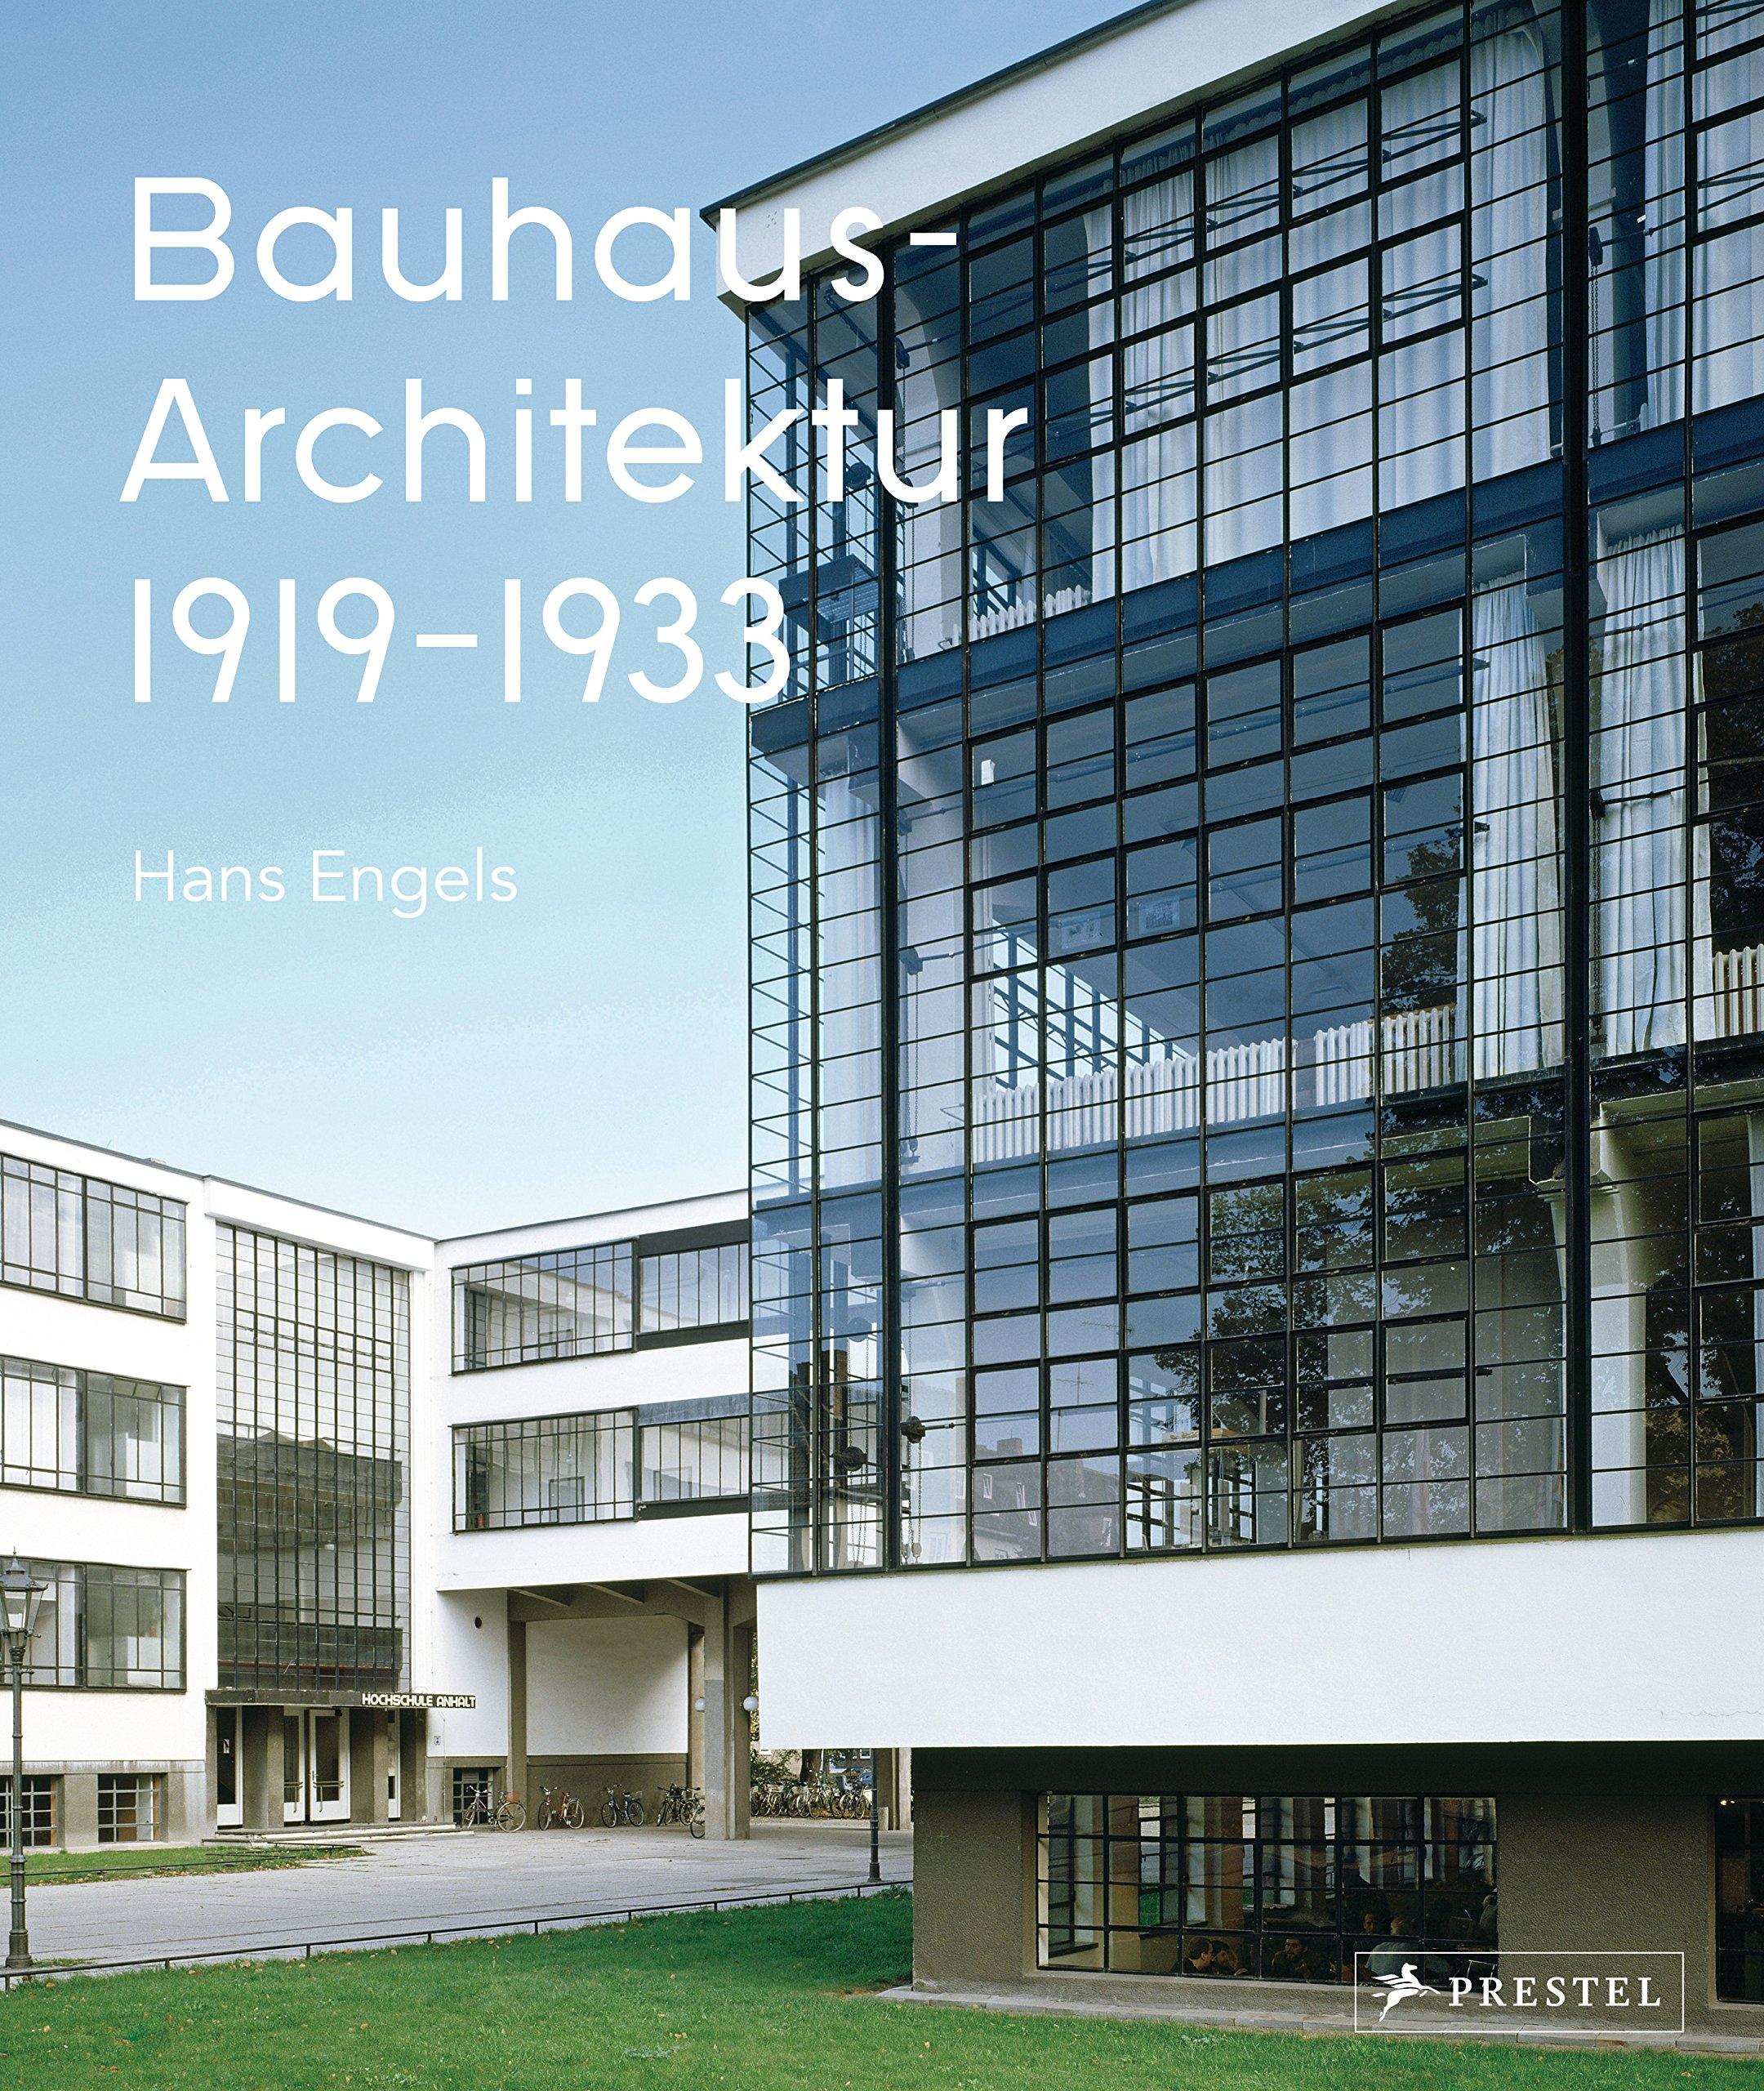 Architektur bauhaus jura hausarbeiten forum